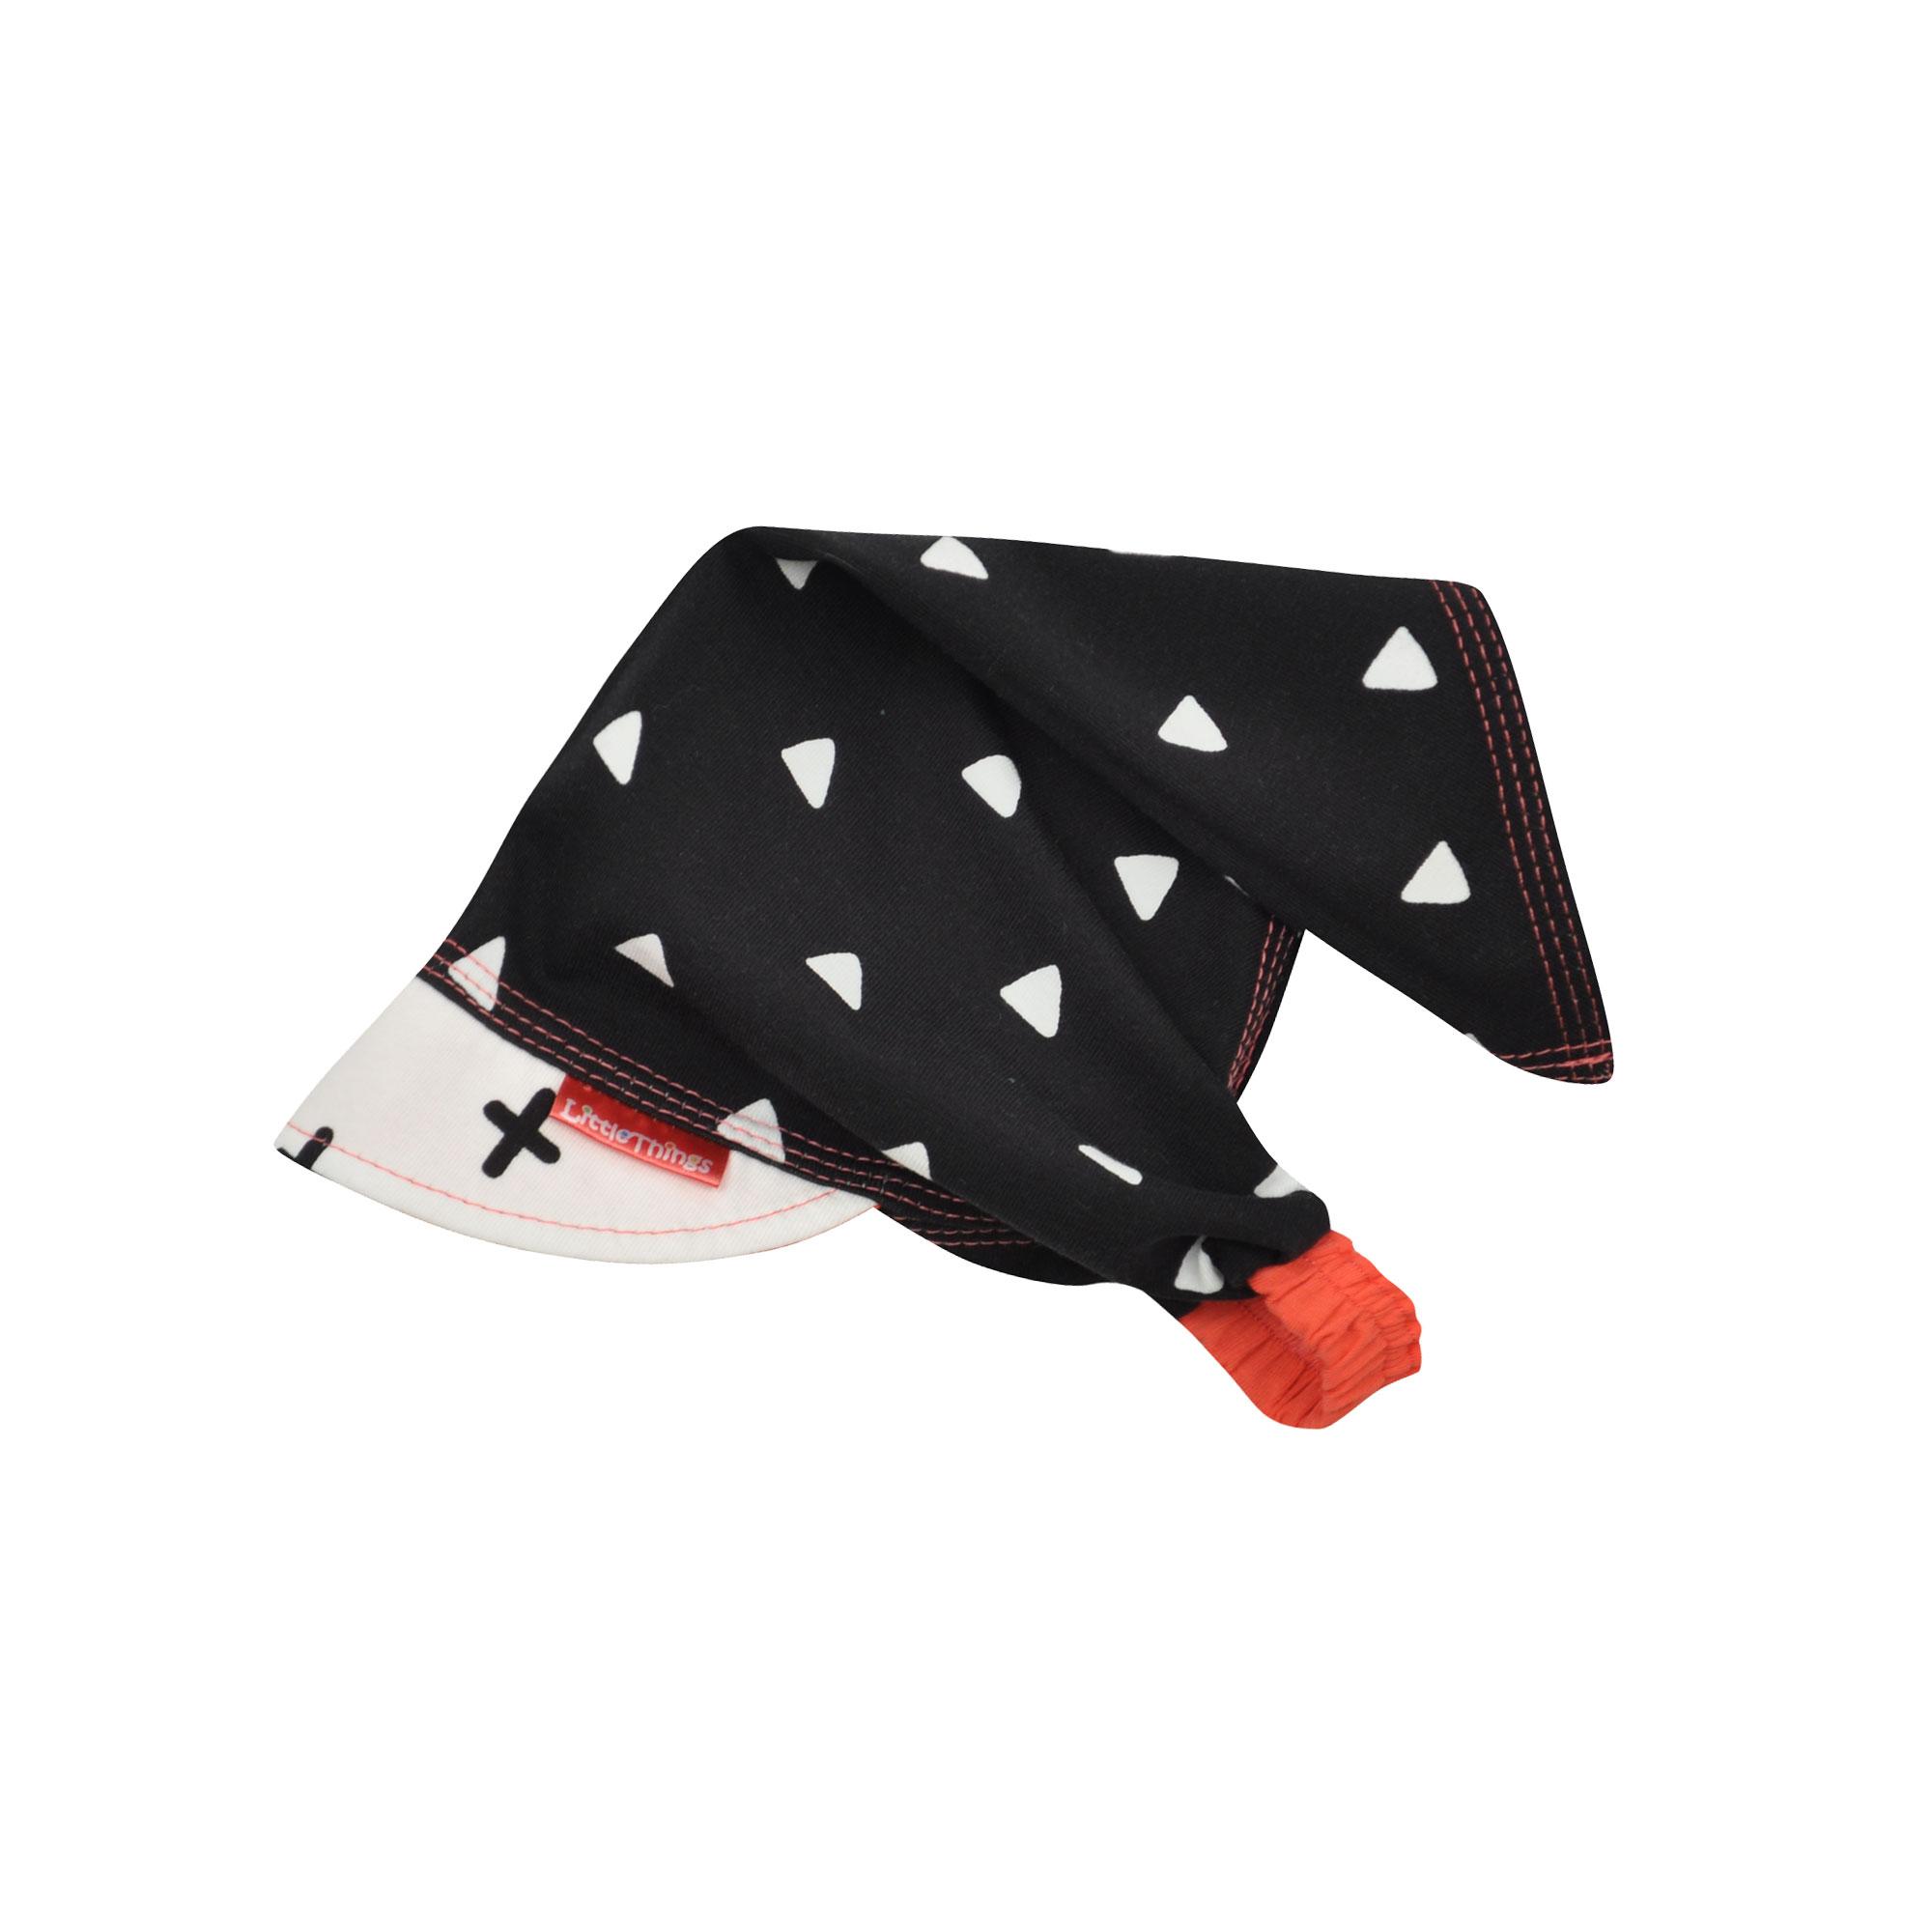 dívčí bavlněný šátek na hlavu s trojúhelníky  a48baa8b17